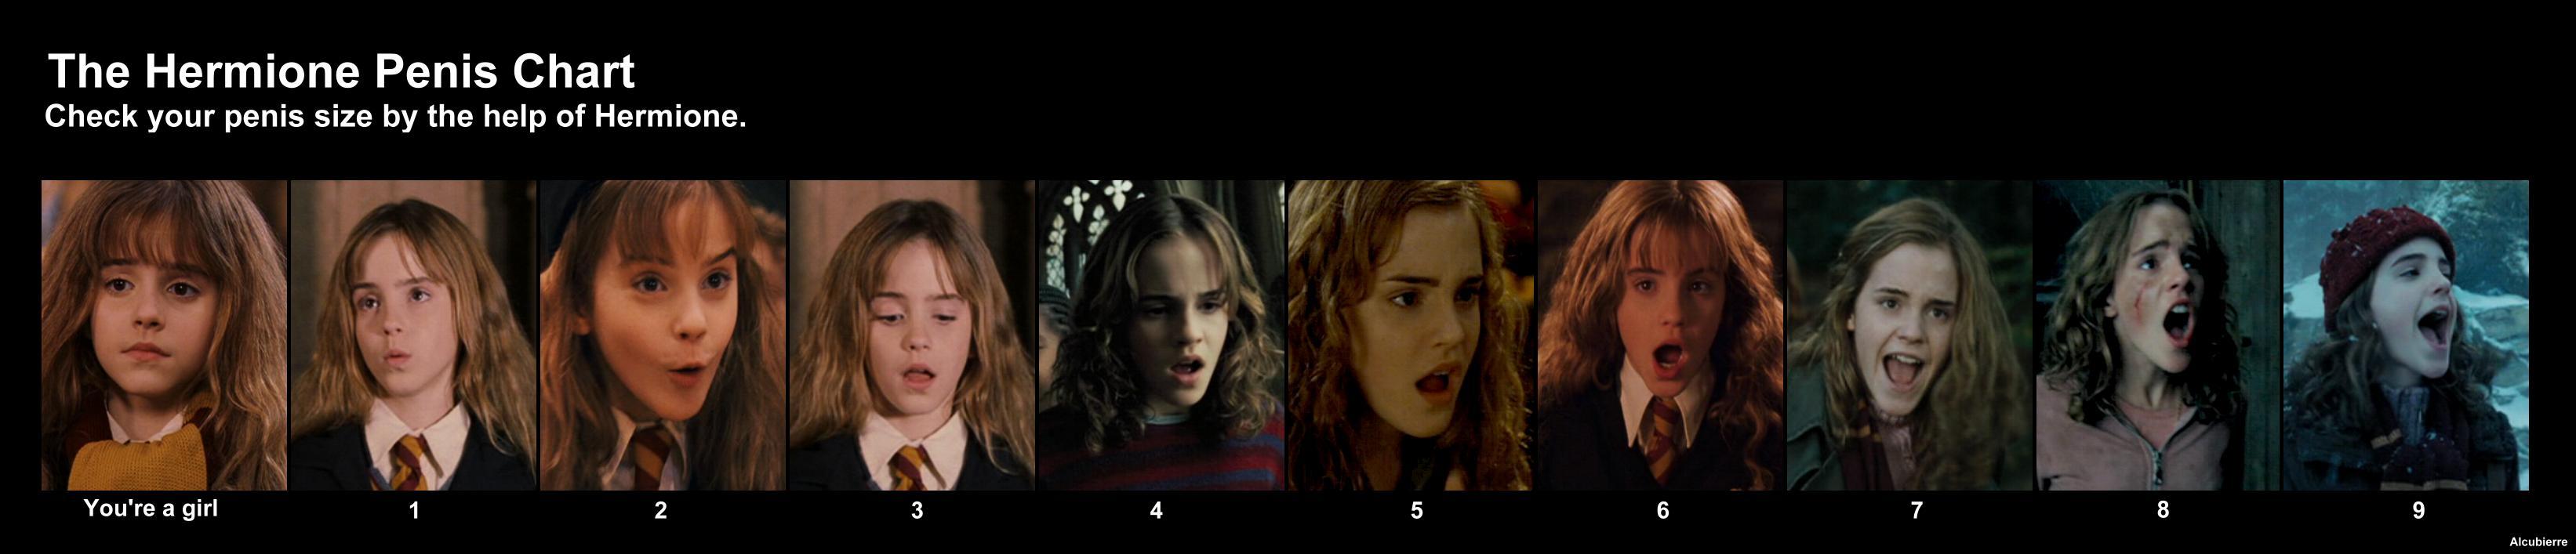 Hermione pénisz méret mérő, fasz méter mérce, penis chart